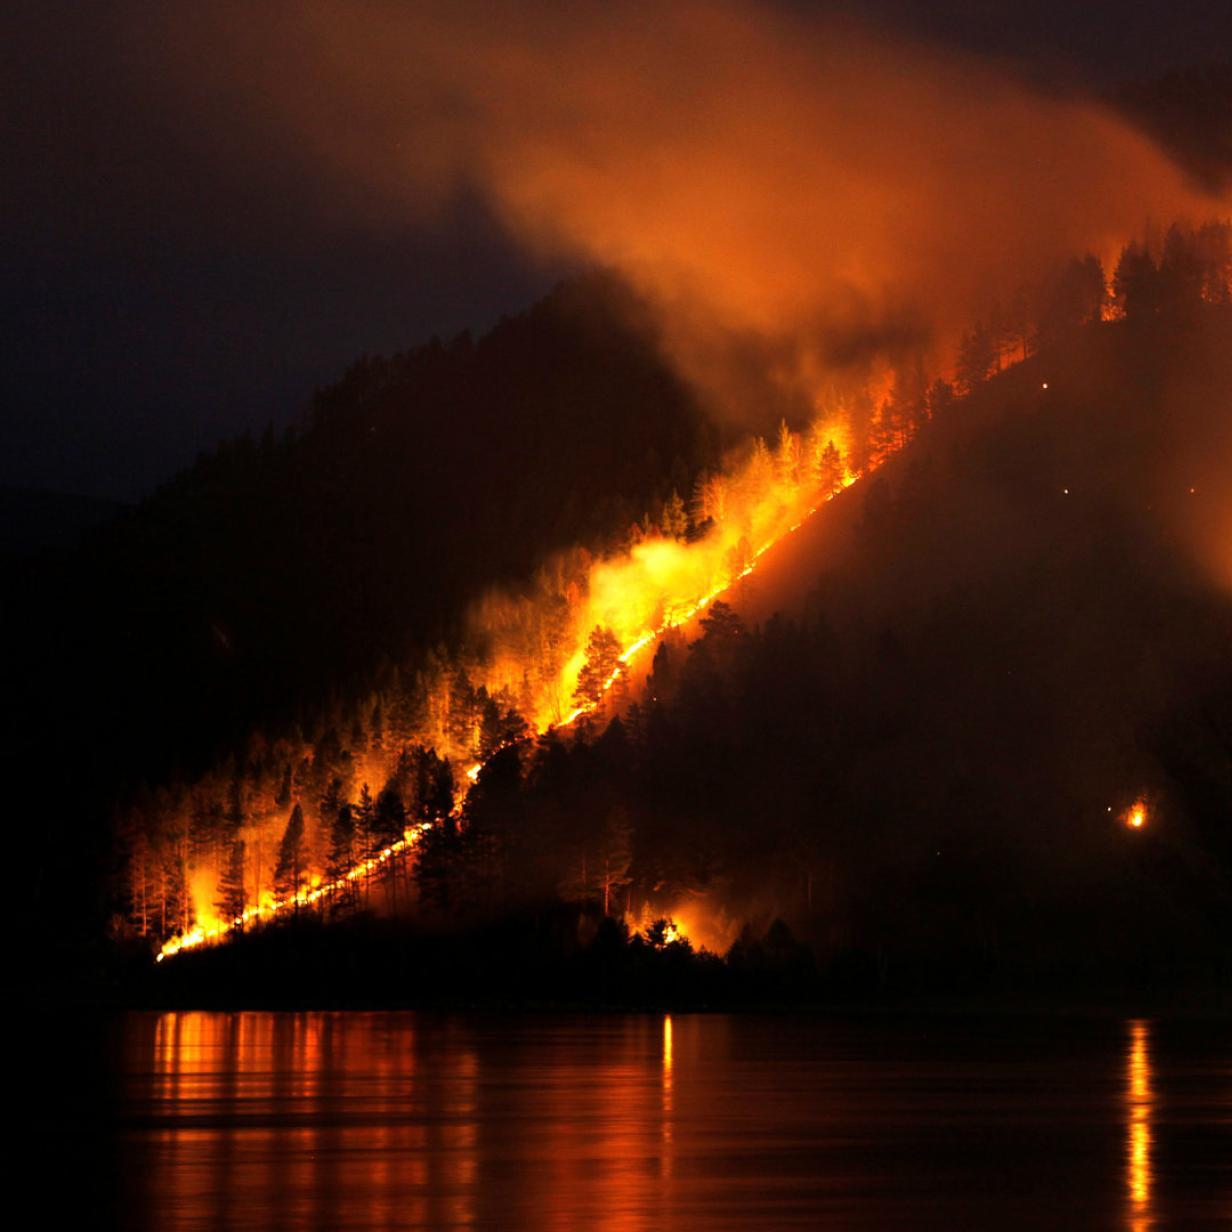 Waldbrände in Sibirien: betroffene Flächen so groß wie Frankreich